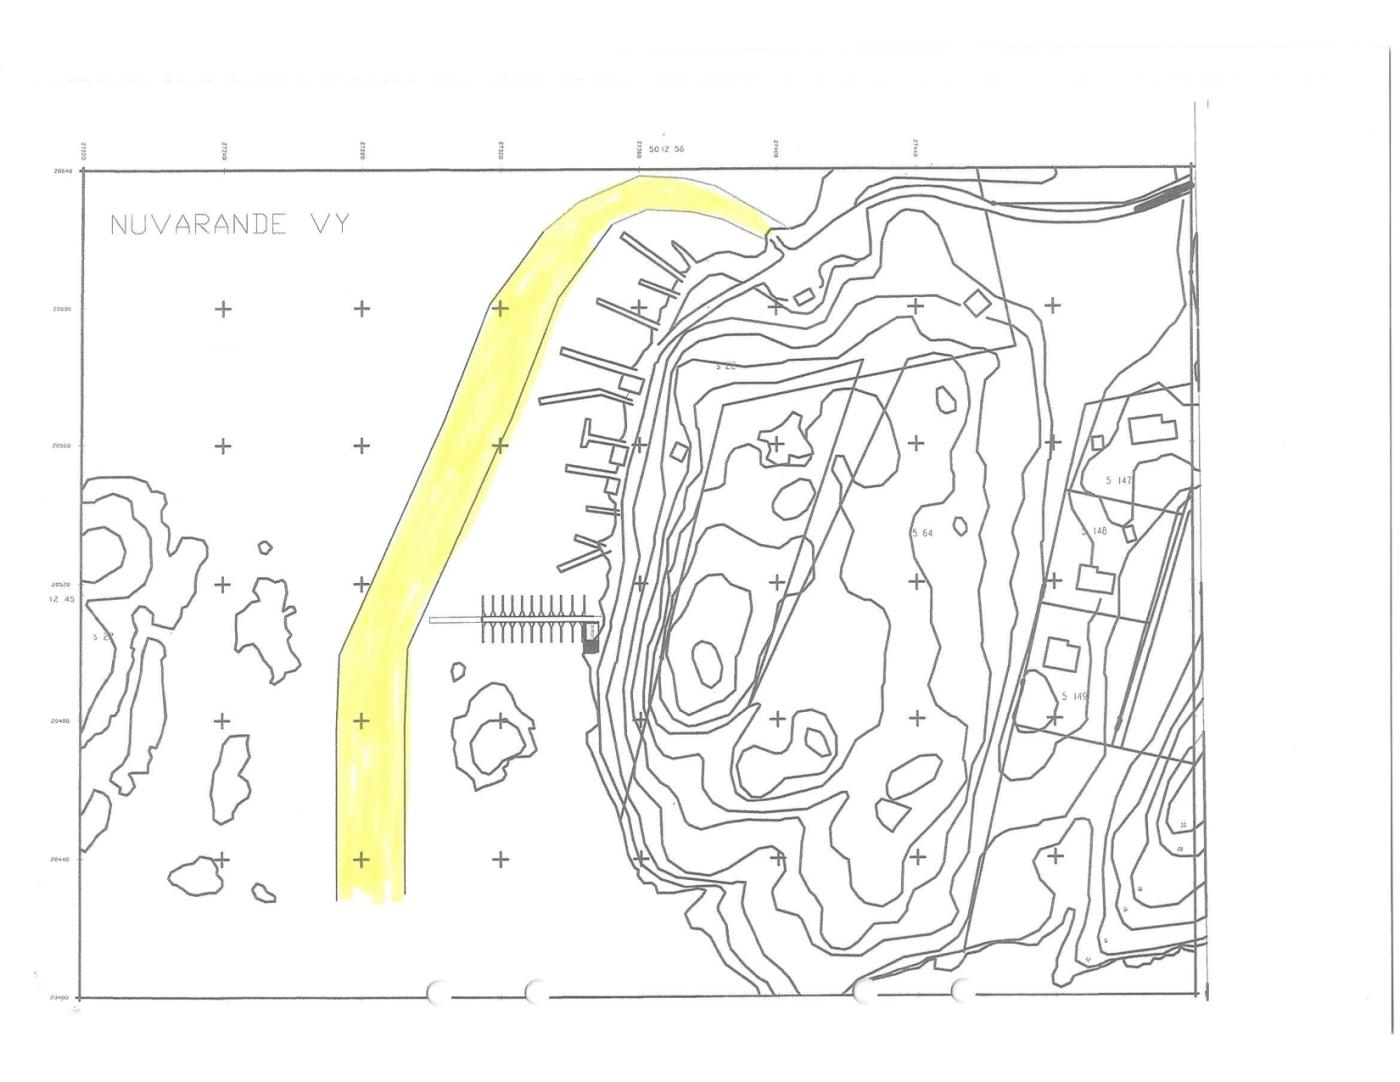 Motion angående muddring inom Lönndals småbåtshamn (2021) Claes Fris